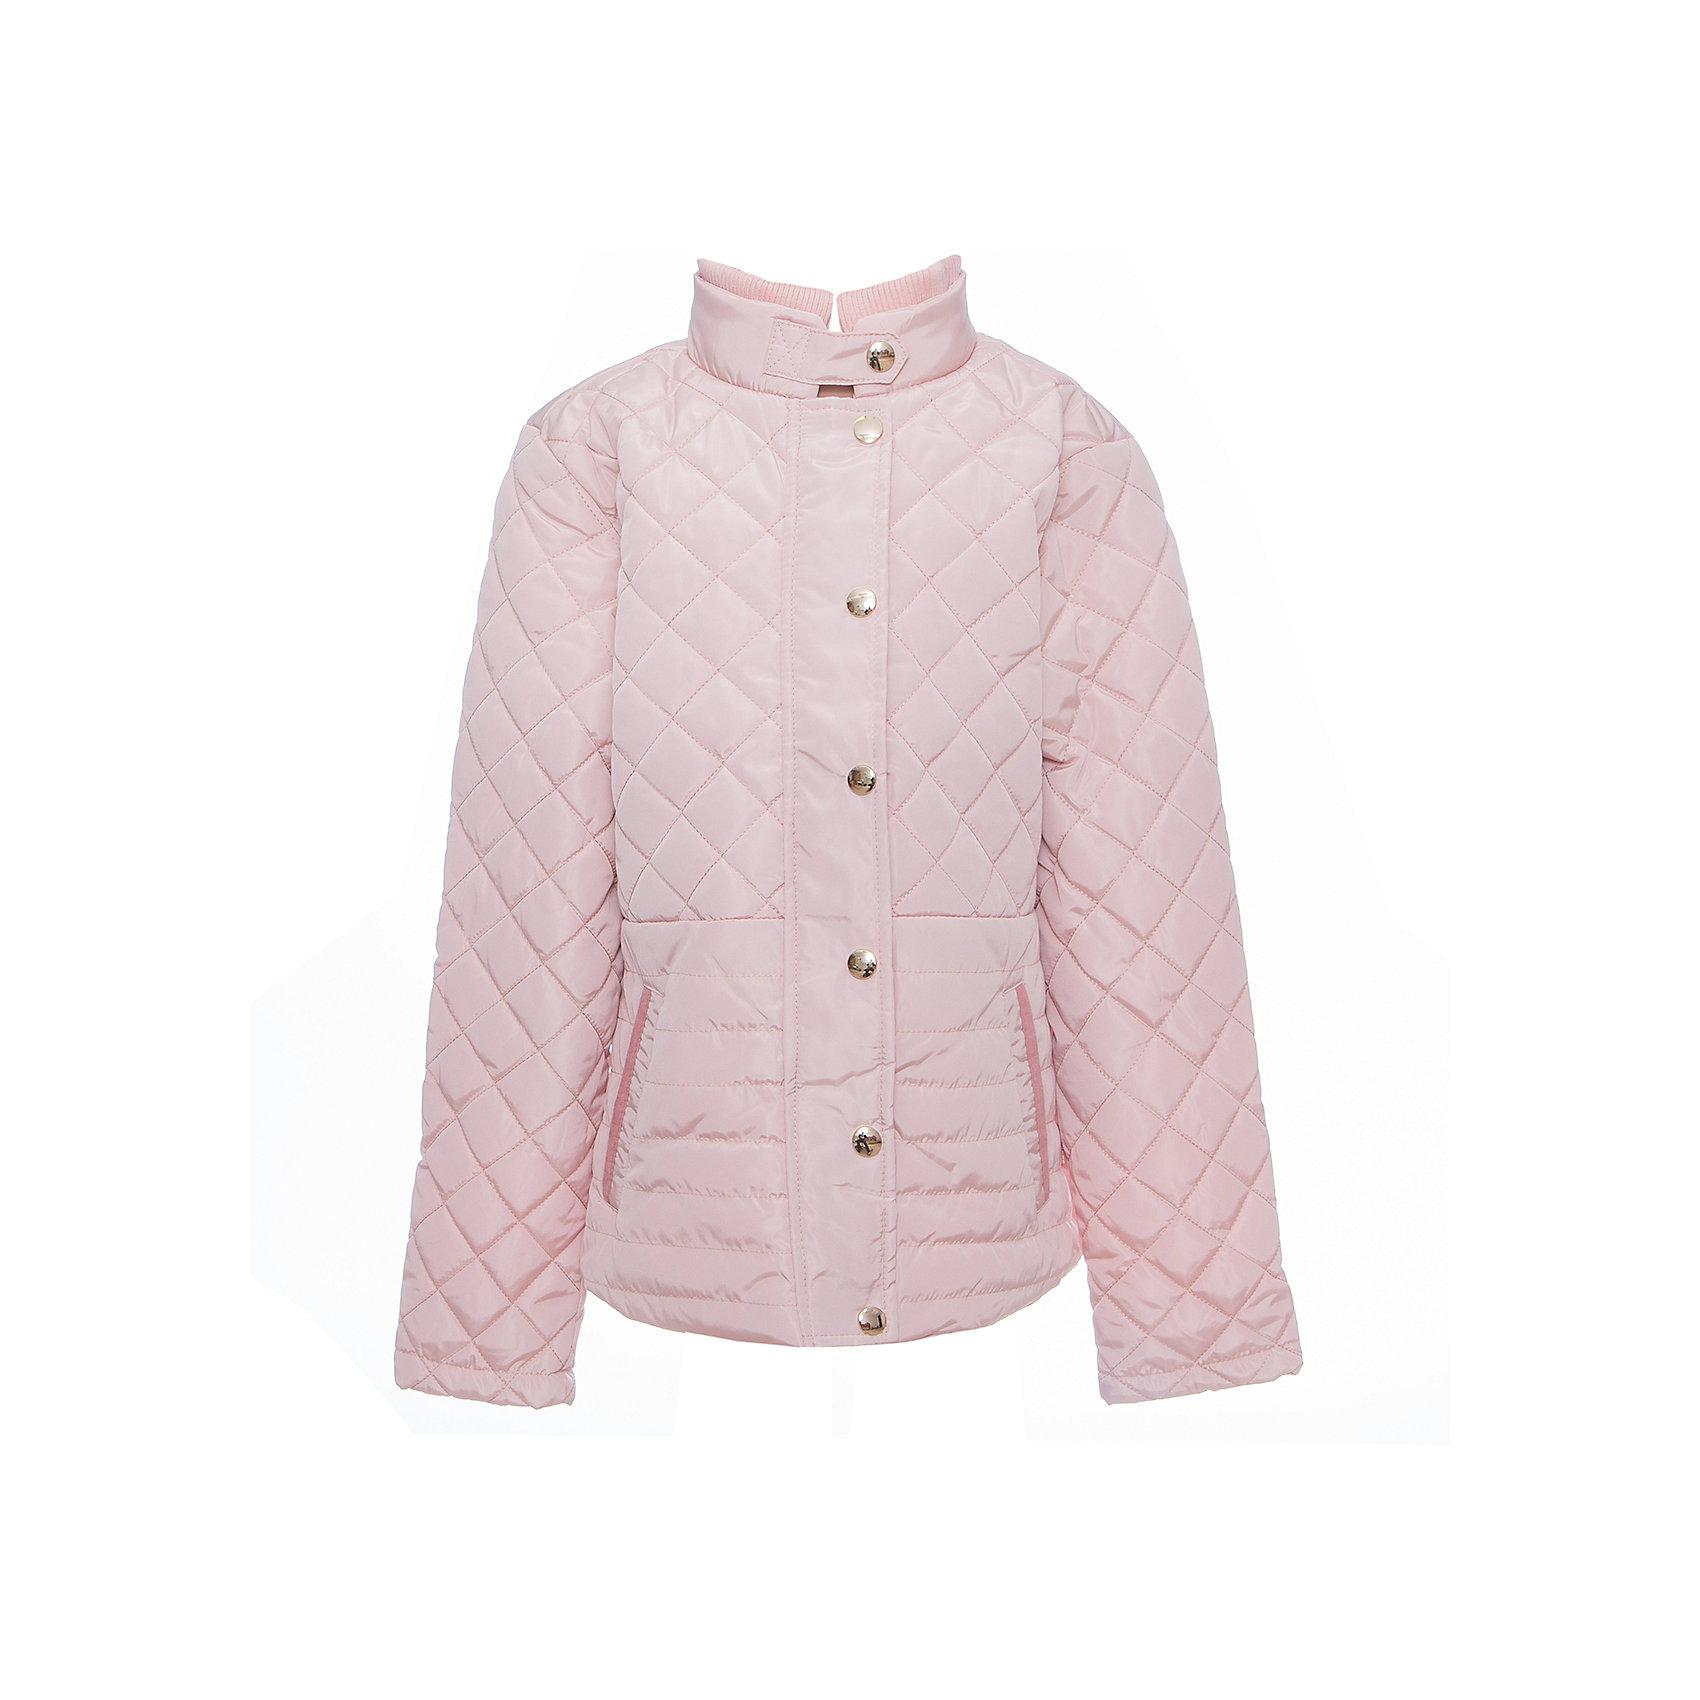 Куртка для девочки LuminosoВерхняя одежда<br>Стильная, стеганая куртка для девочки с воротником-стойкой и ветрозащитной планкой. Два прорезных карманы. Застегивается на молнию.<br>Состав:<br>Верх: 100%полиэстер.  Подкладка: 100%полиэстер. Наполнитель: 100%полиэстер<br><br>Ширина мм: 356<br>Глубина мм: 10<br>Высота мм: 245<br>Вес г: 519<br>Цвет: розовый<br>Возраст от месяцев: 144<br>Возраст до месяцев: 156<br>Пол: Женский<br>Возраст: Детский<br>Размер: 134,140,146,152,158,164<br>SKU: 5413228